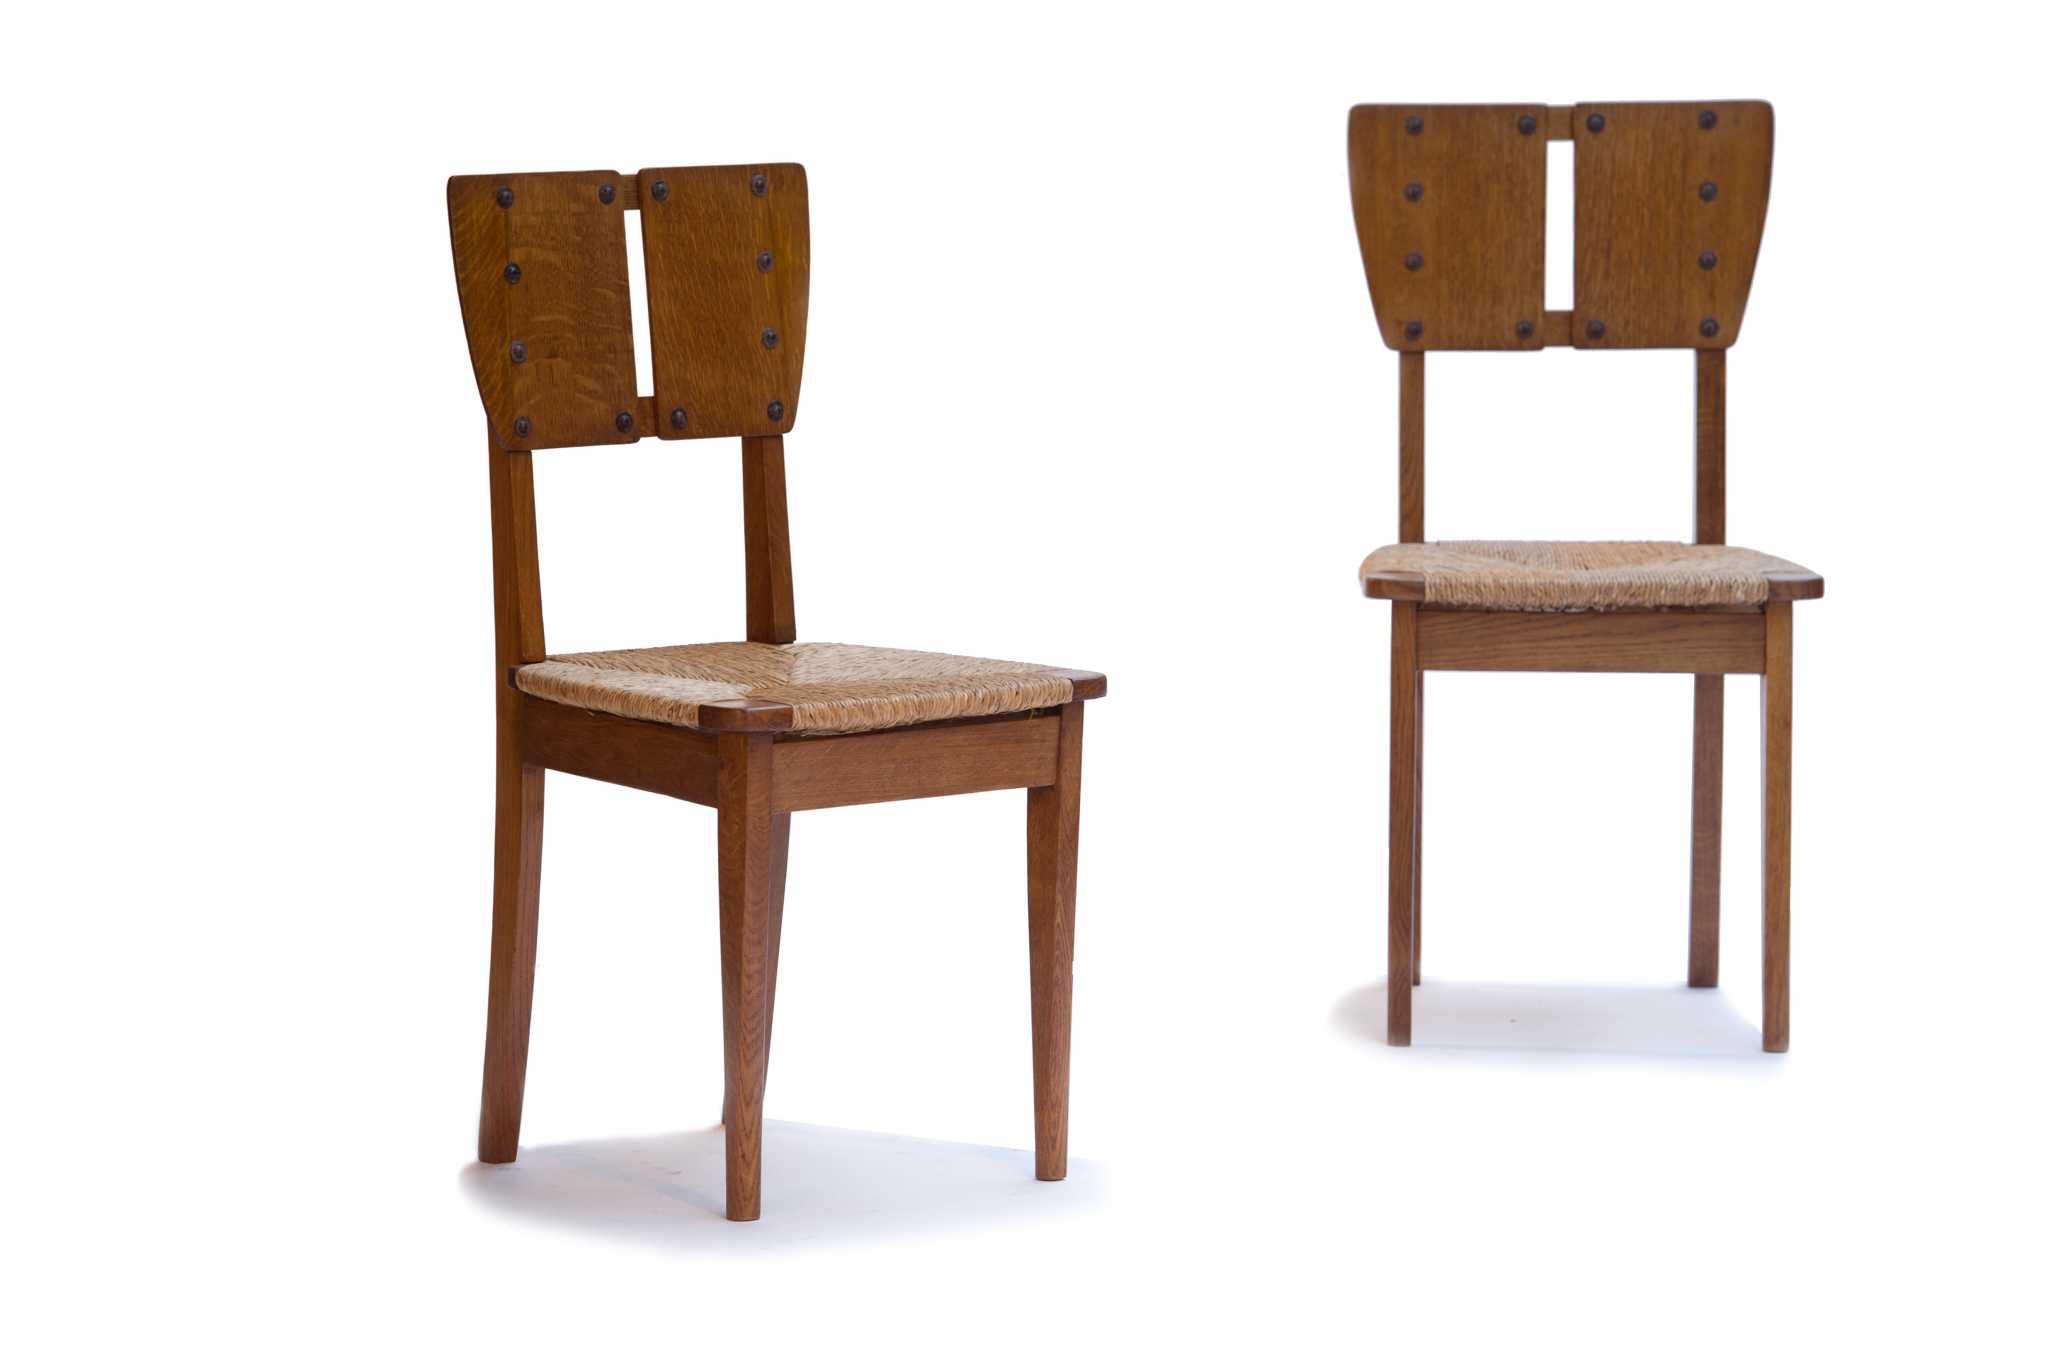 chaises archives haesaerts le grelle antiquit s et. Black Bedroom Furniture Sets. Home Design Ideas